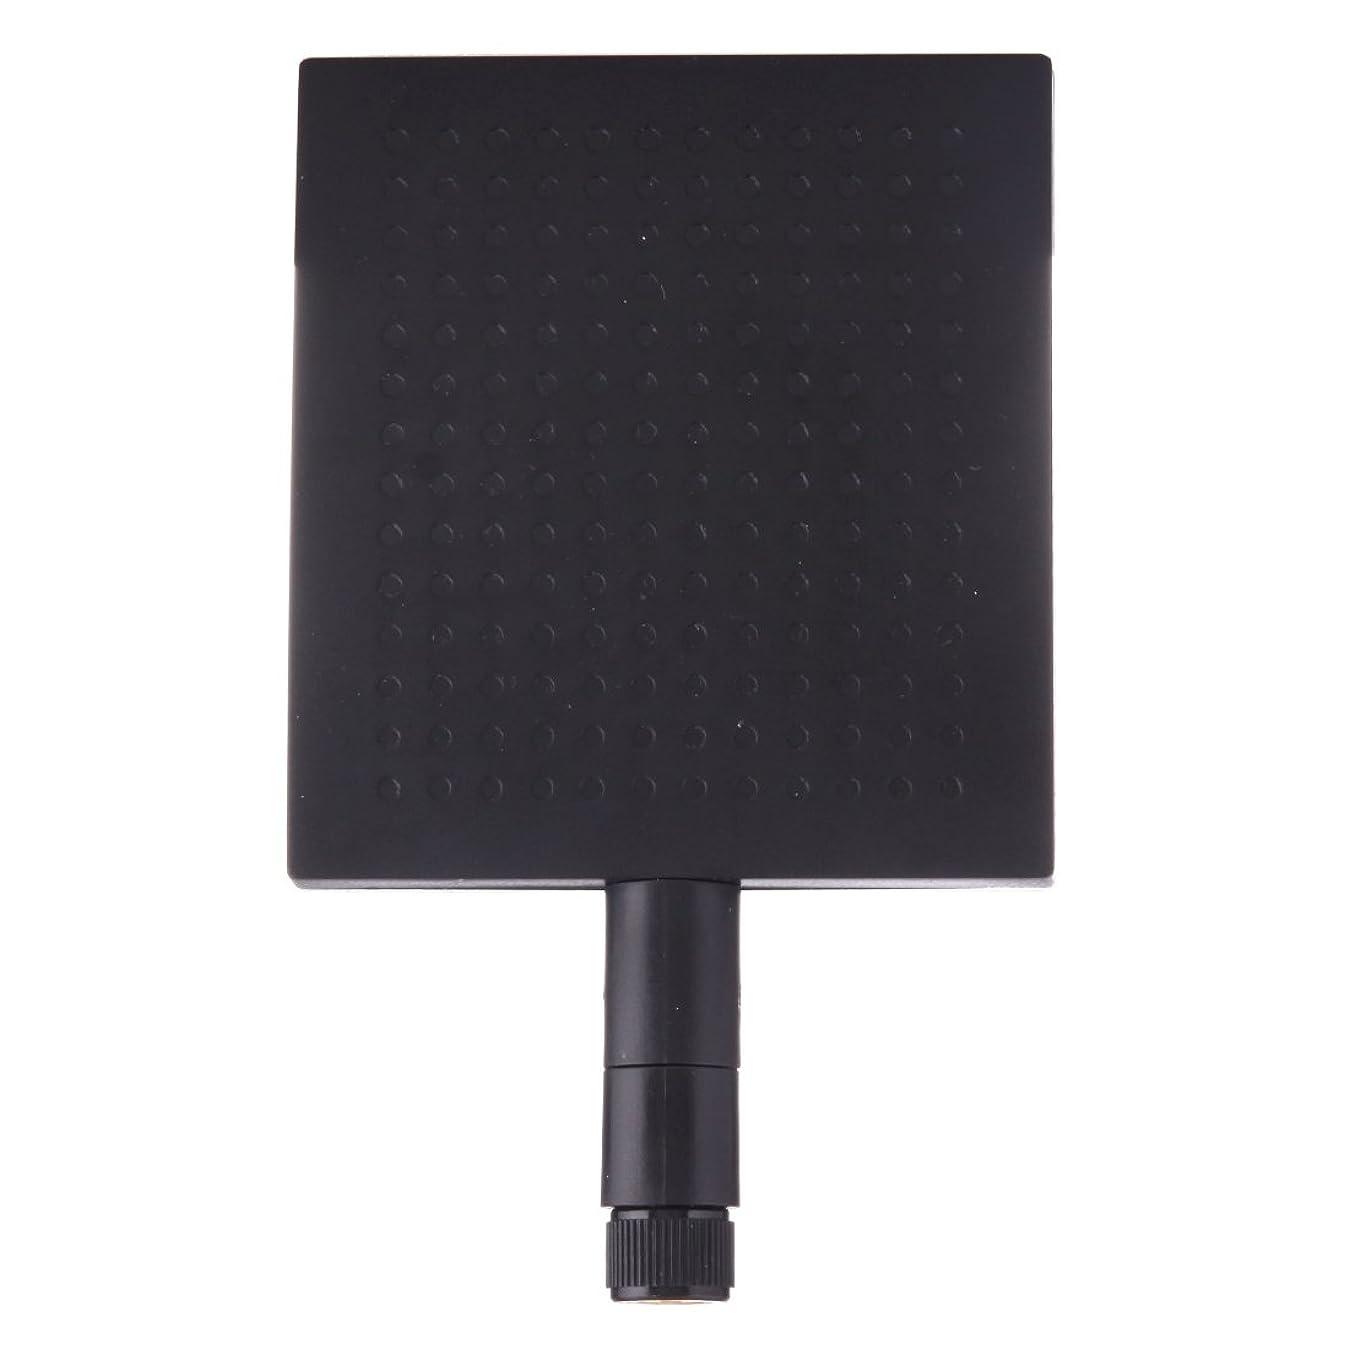 刺しますフィッティング凍結コンピュータ&アクセサリーネットワークアンテナ 12dBi SMAオスコネクタ5.8GHzパネルWiFiアンテナ コンピュータ&アクセサリーネットワークアンテナ (Color : Black)